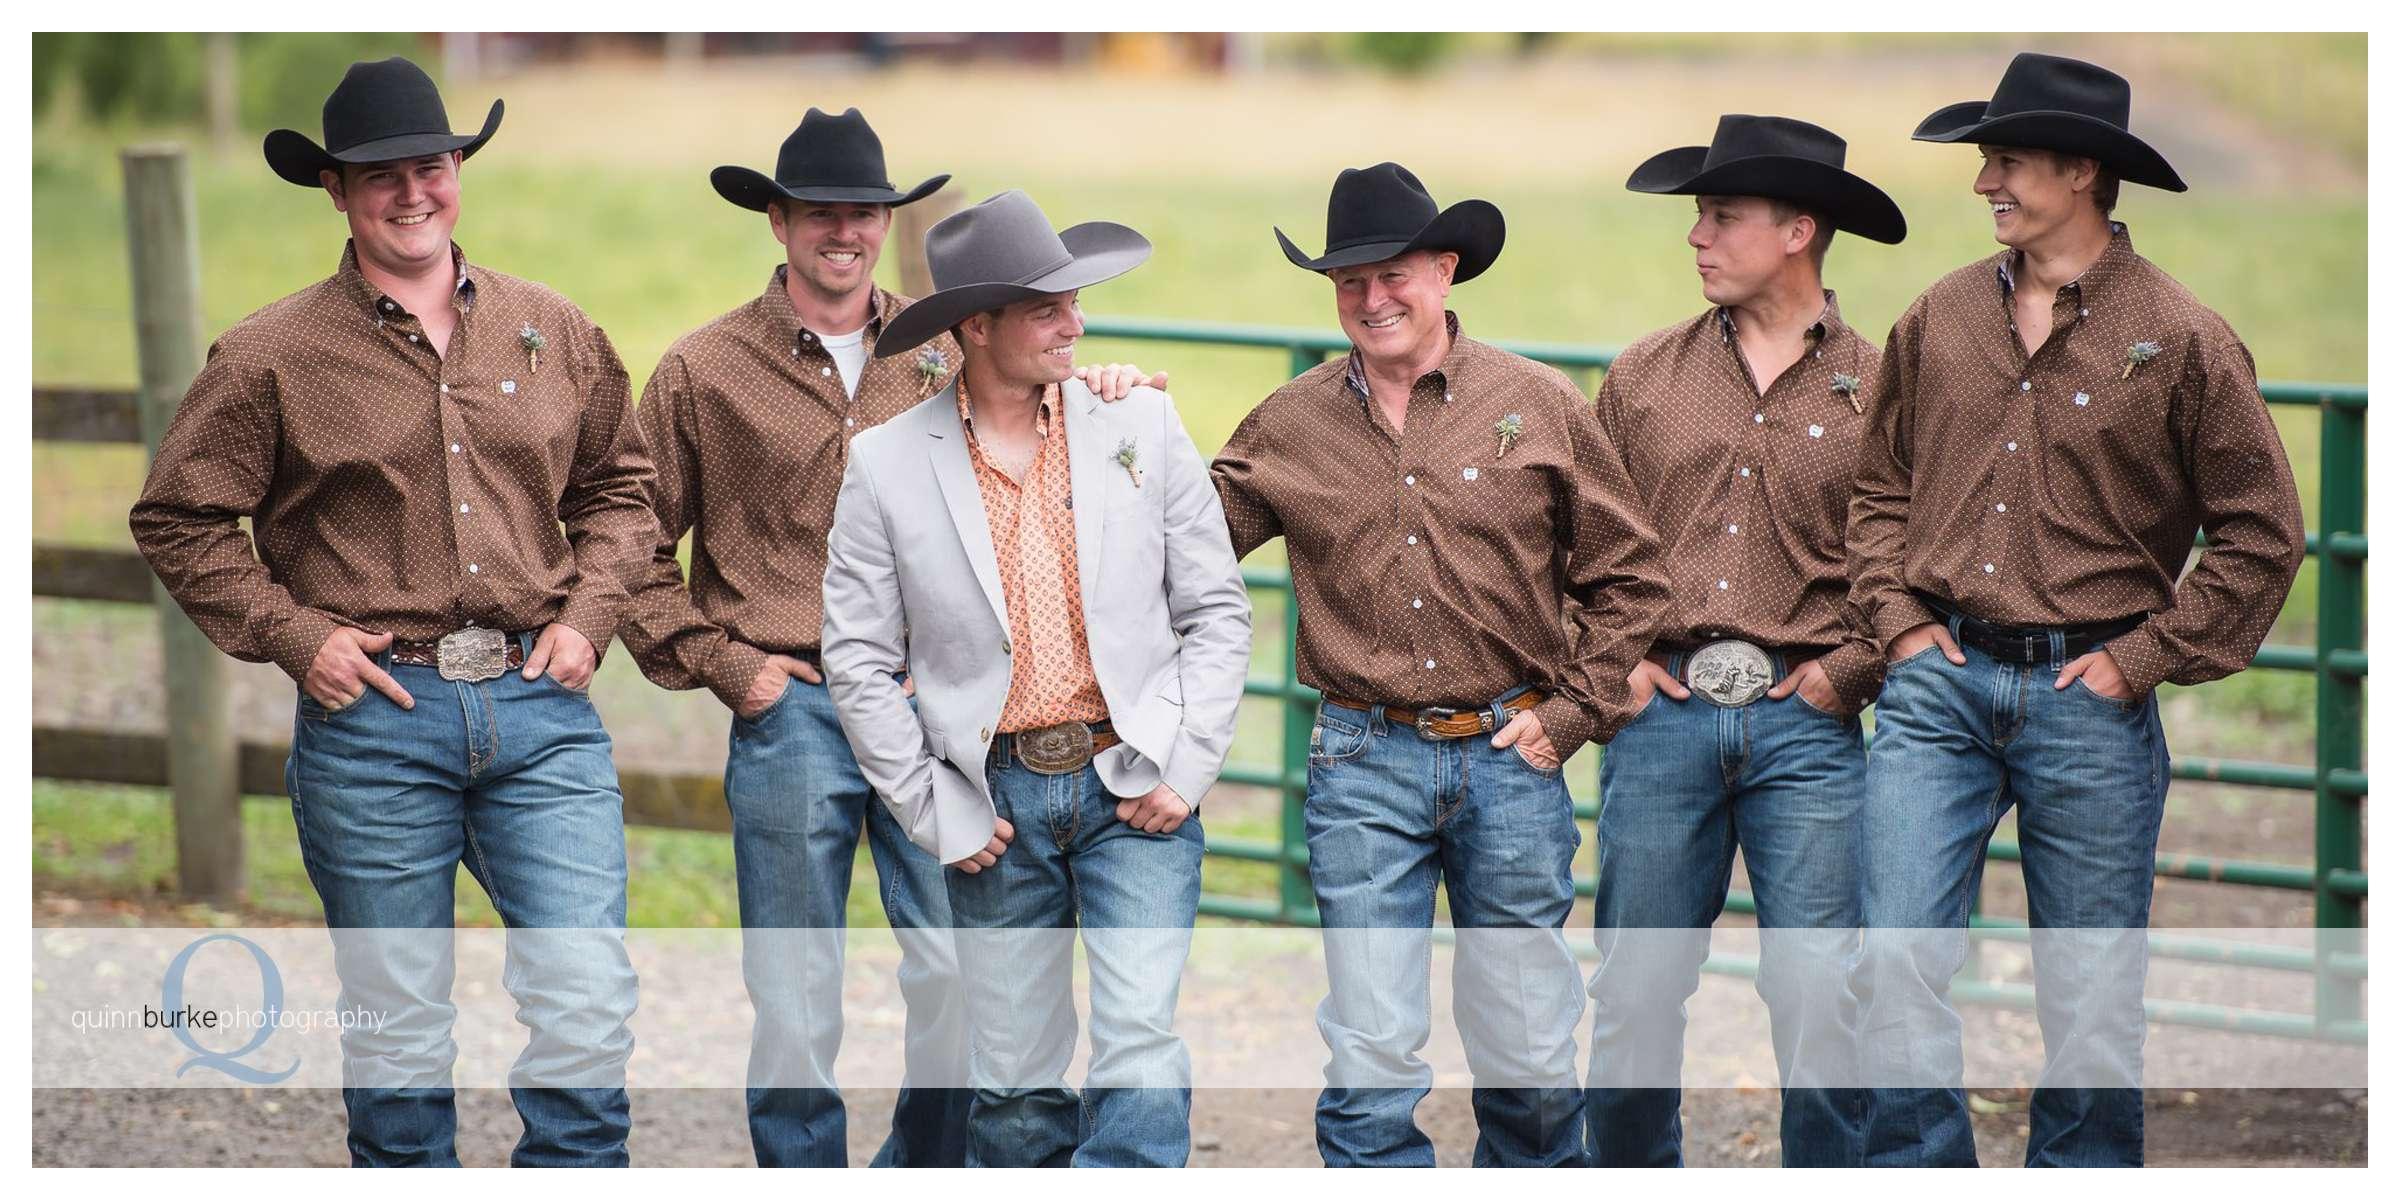 Cowboy Groomsmen And Groom Walking